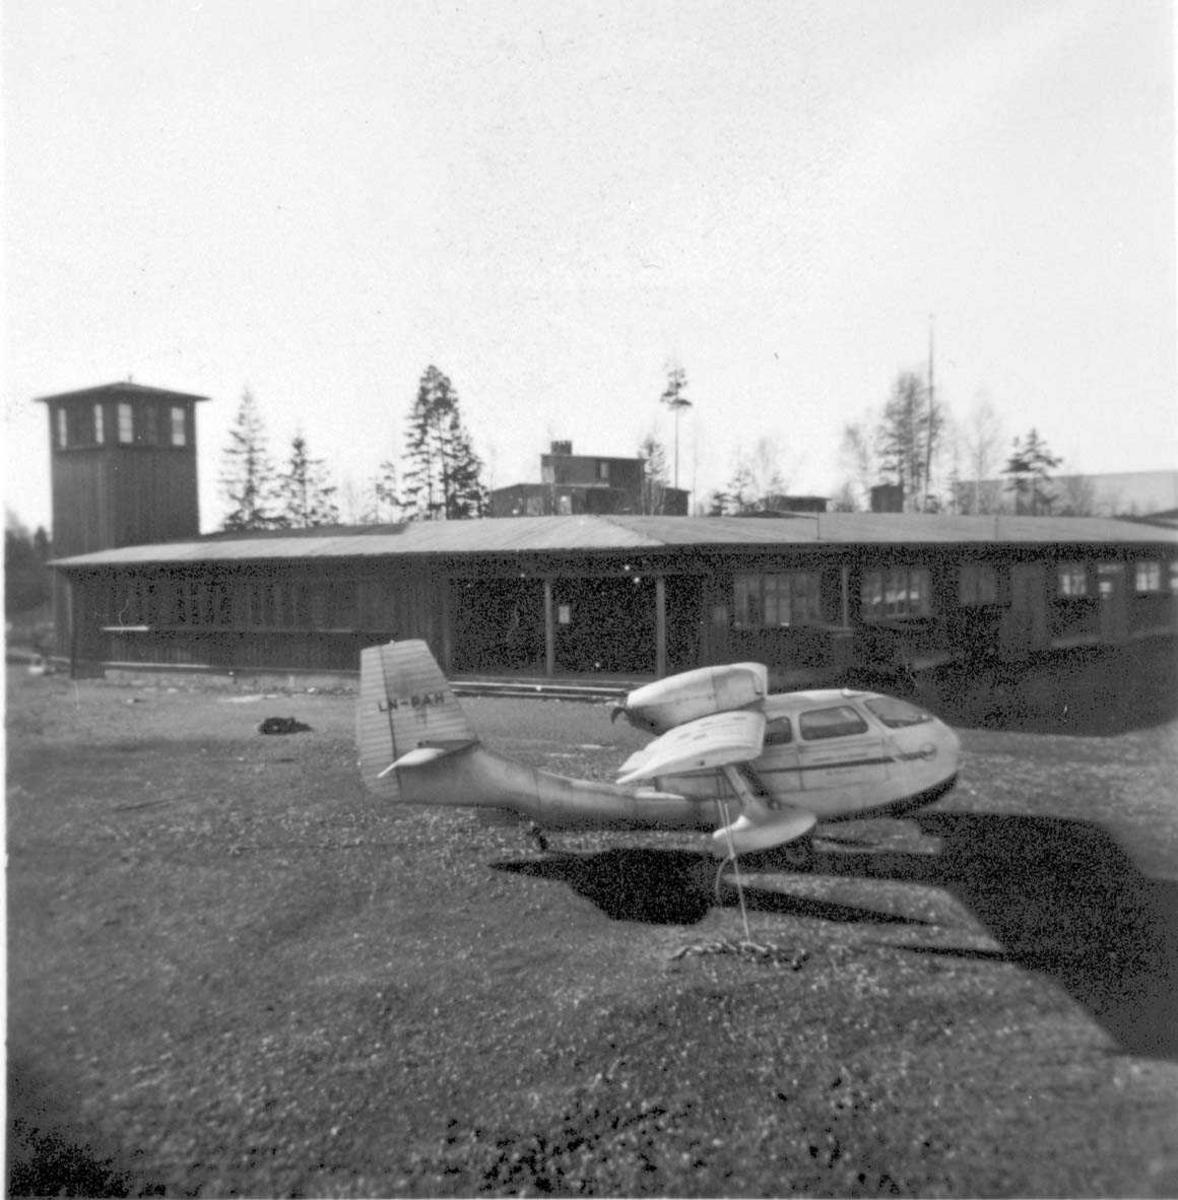 Lufthavn. Ett fly på bakken, Republic RC-3 Seabee LN-PAH fra Widerøes Flyveselskap A/S. Kontrolltårnet i bakgrunnen